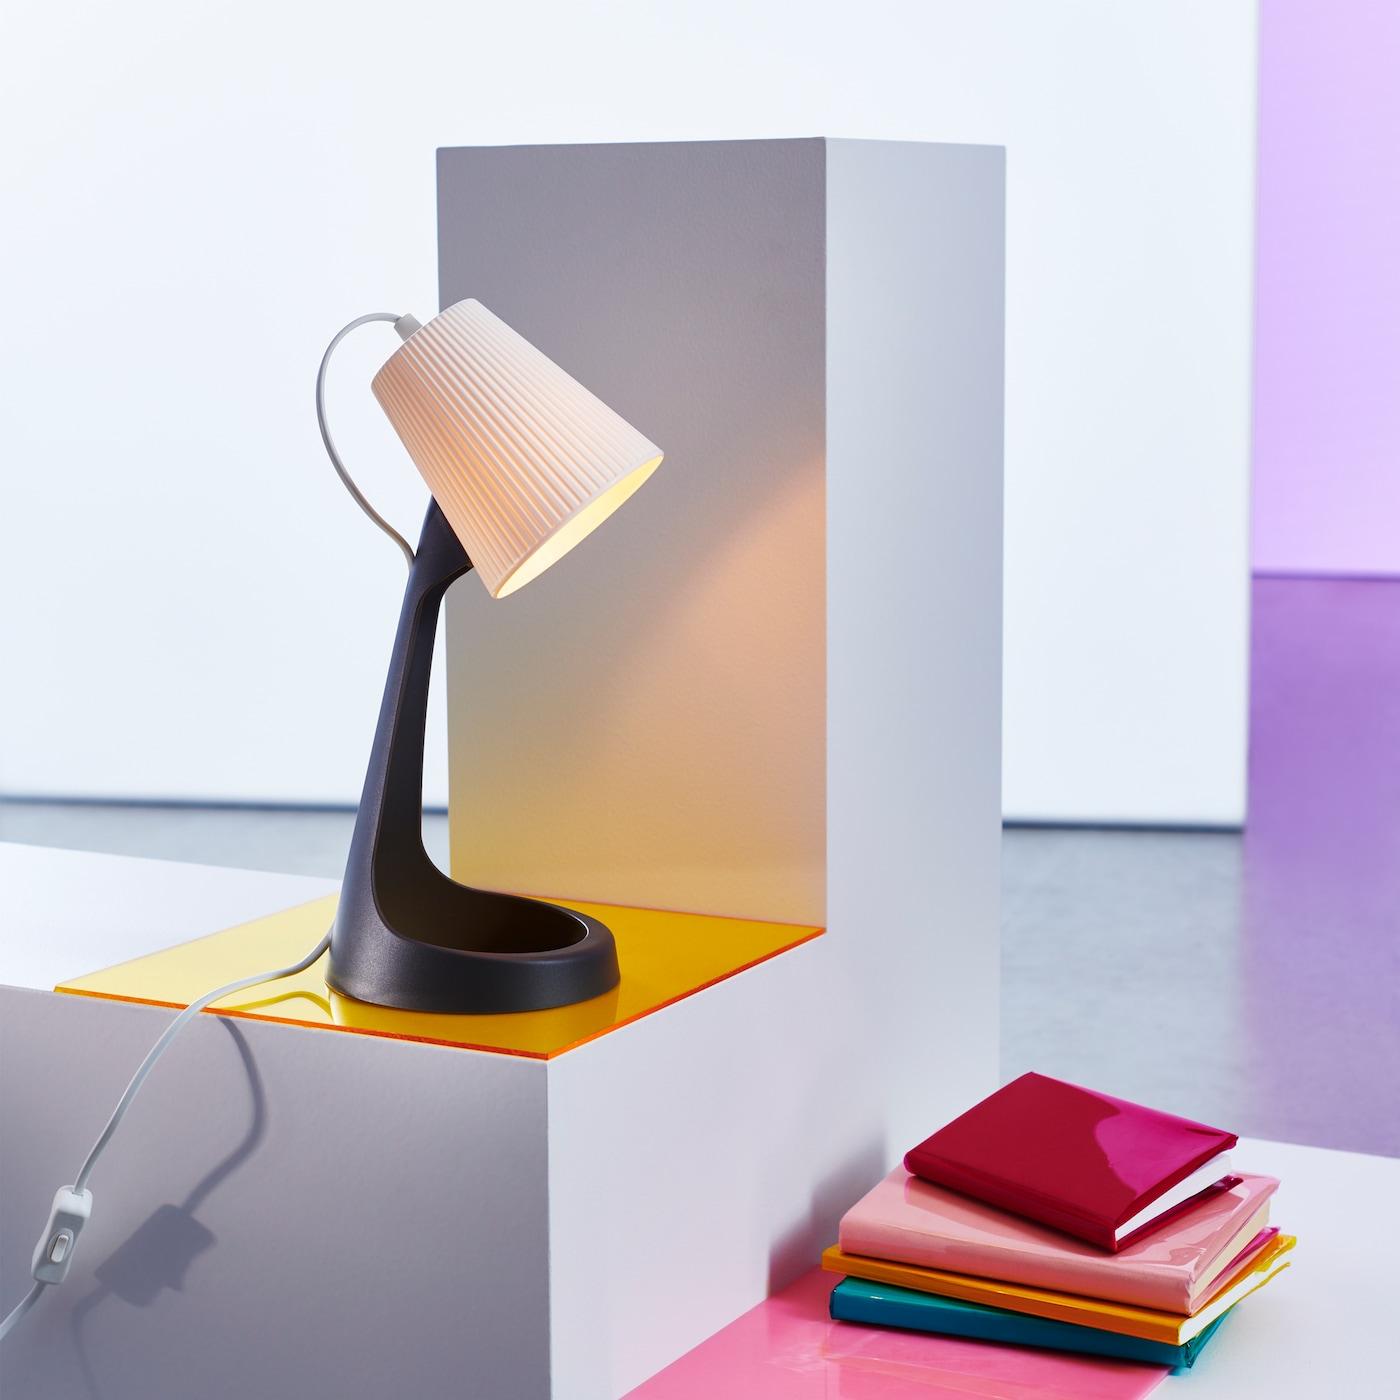 Tyylikäs SVALLET työvalaisin, jossa on tummanharmaa lampunjalka ja valkoinen lampunvarjostin.